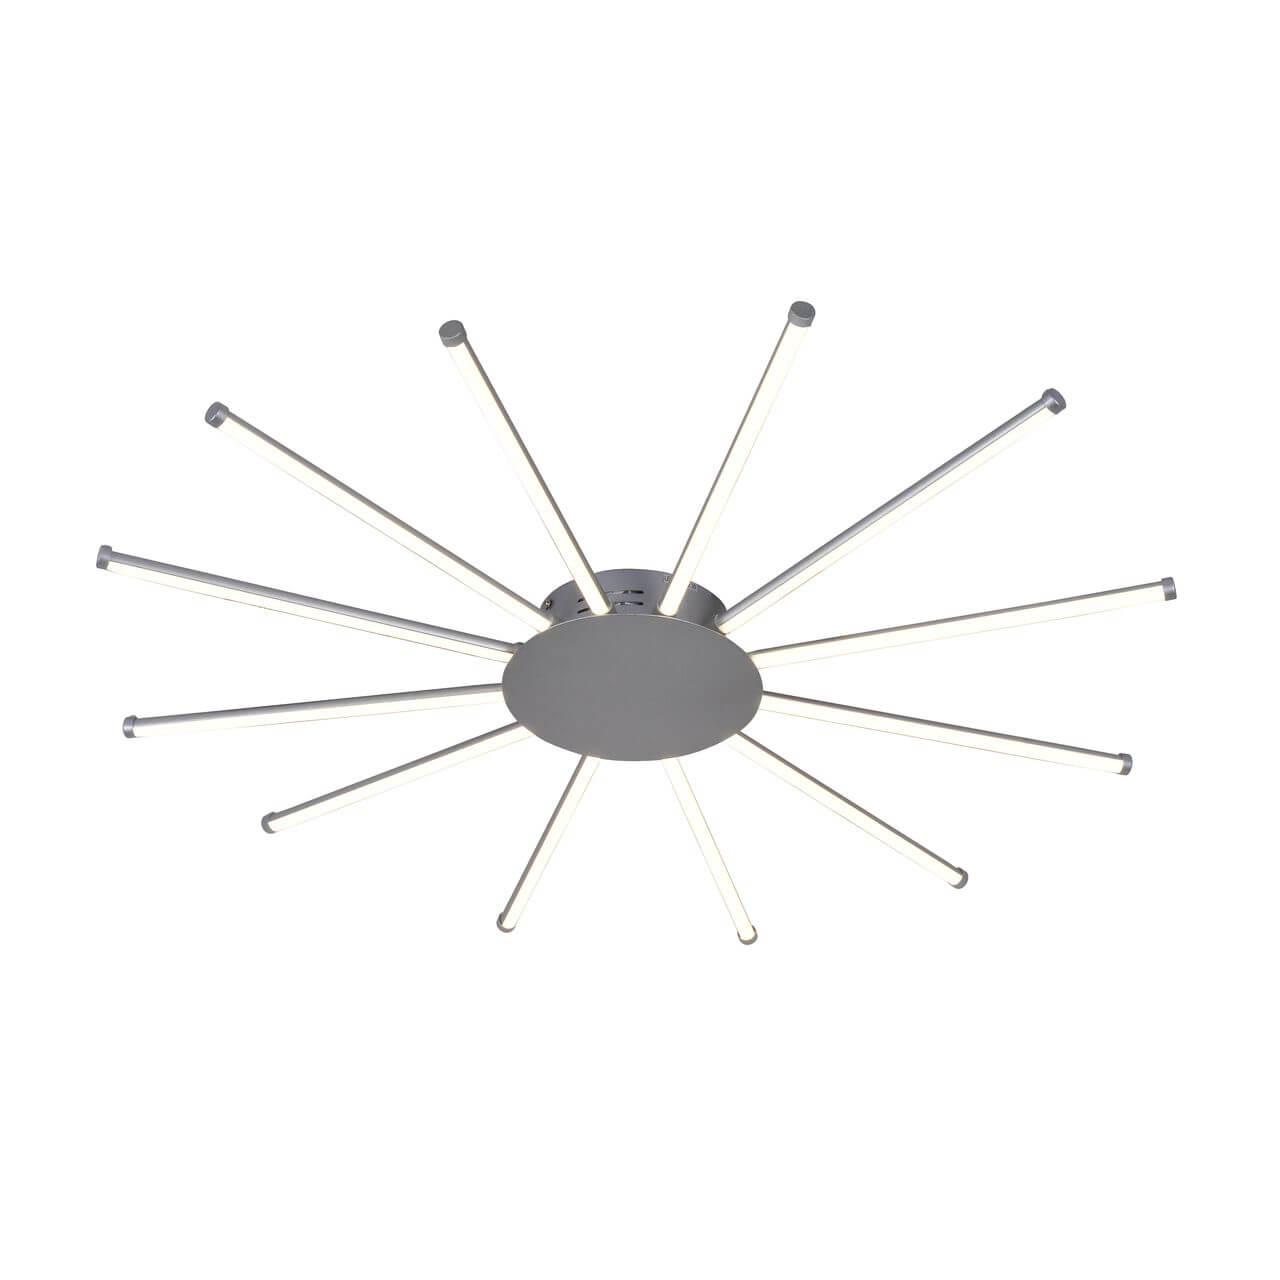 Потолочный светодиодный светильник Favourite Aster 2379-12U потолочный светильник favourite kreise 1527 12u